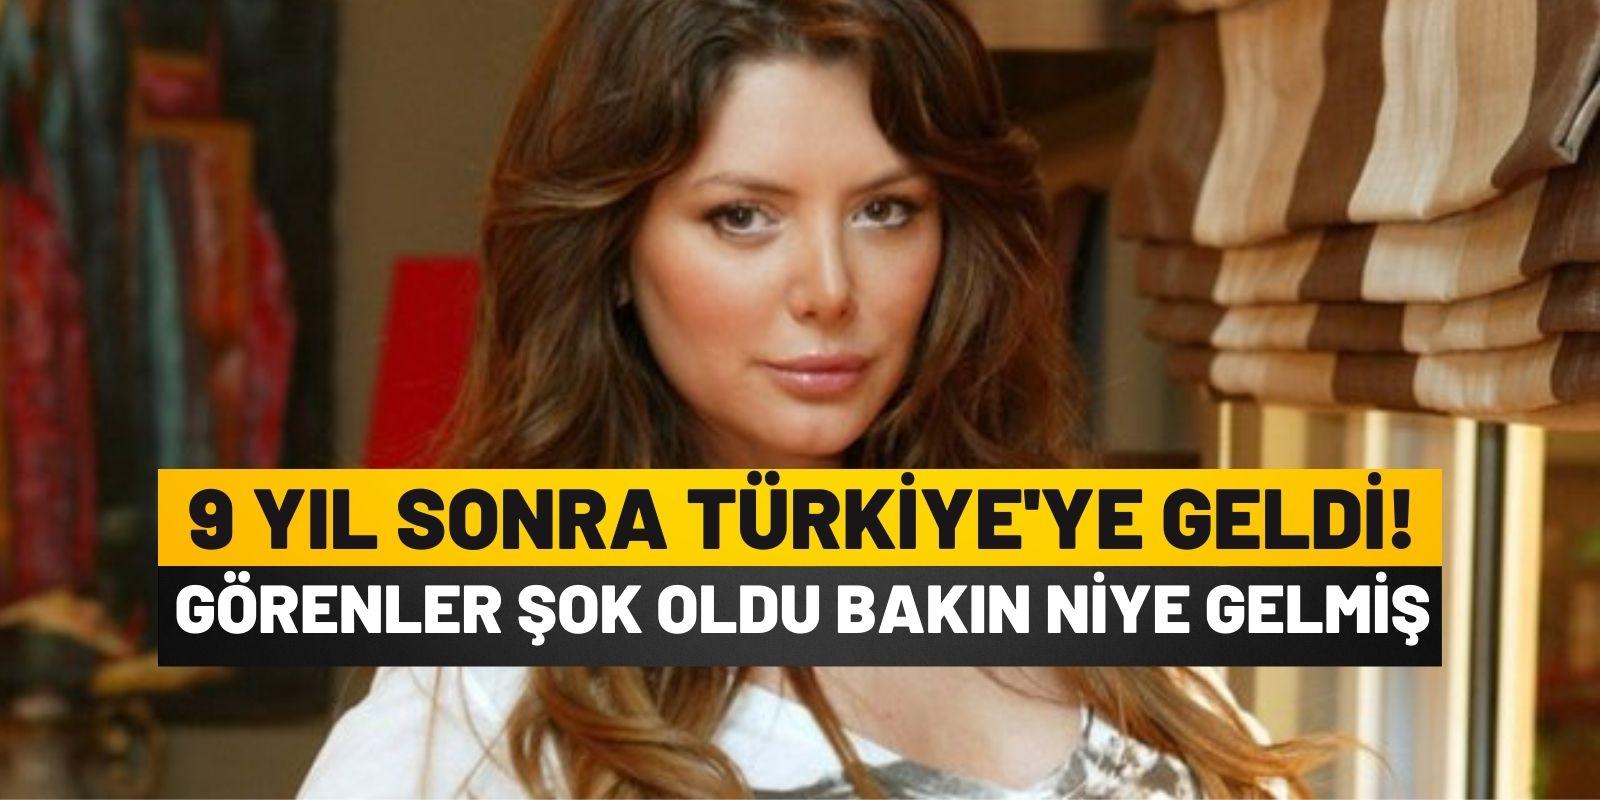 Taraftarı derbi sonrası yabancı madde yağdıran Fenerbahçe için ceza kapıda